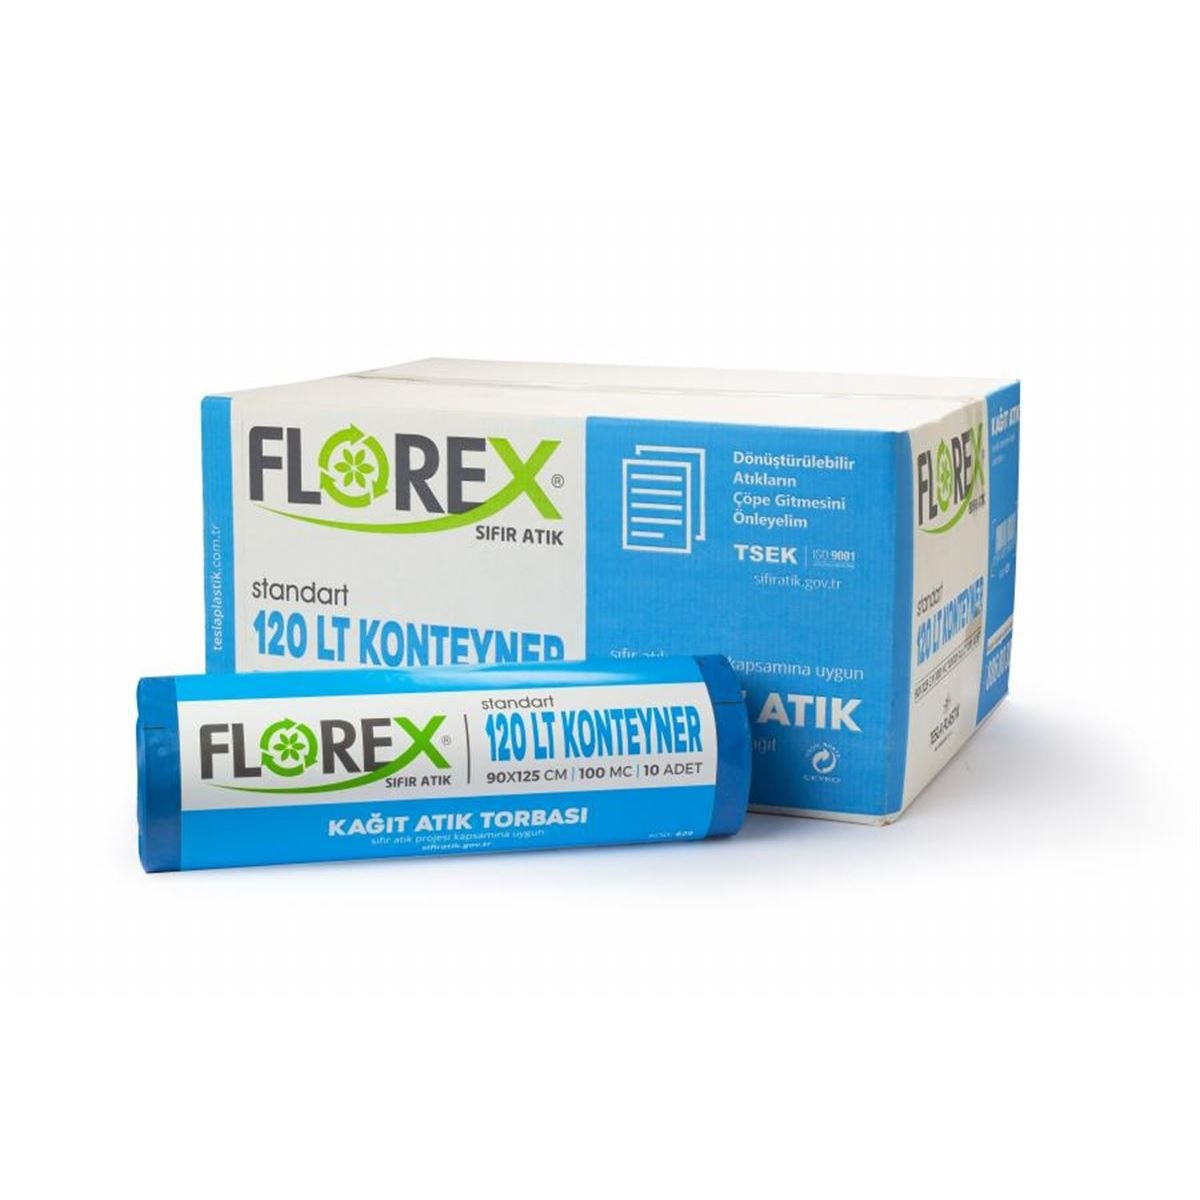 Florex Kağıt Atık Torbası Standart 120lt 10Adet*10Rulo resmi